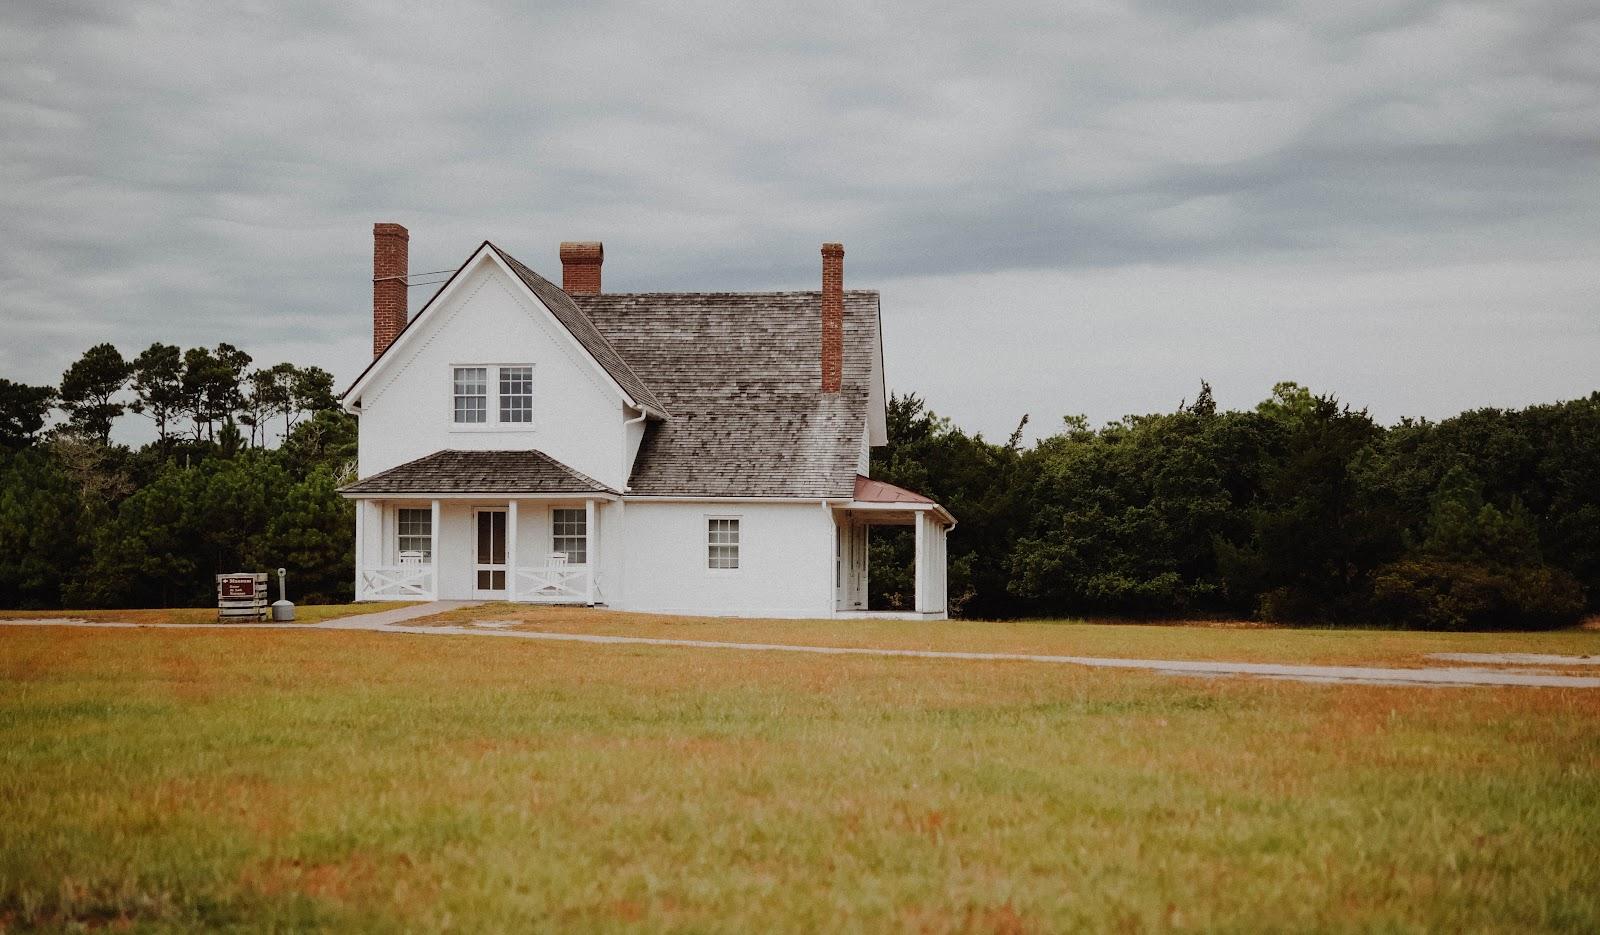 Awalnya desain farm house menunjukan rumah ladang - source: www.unsplash.com